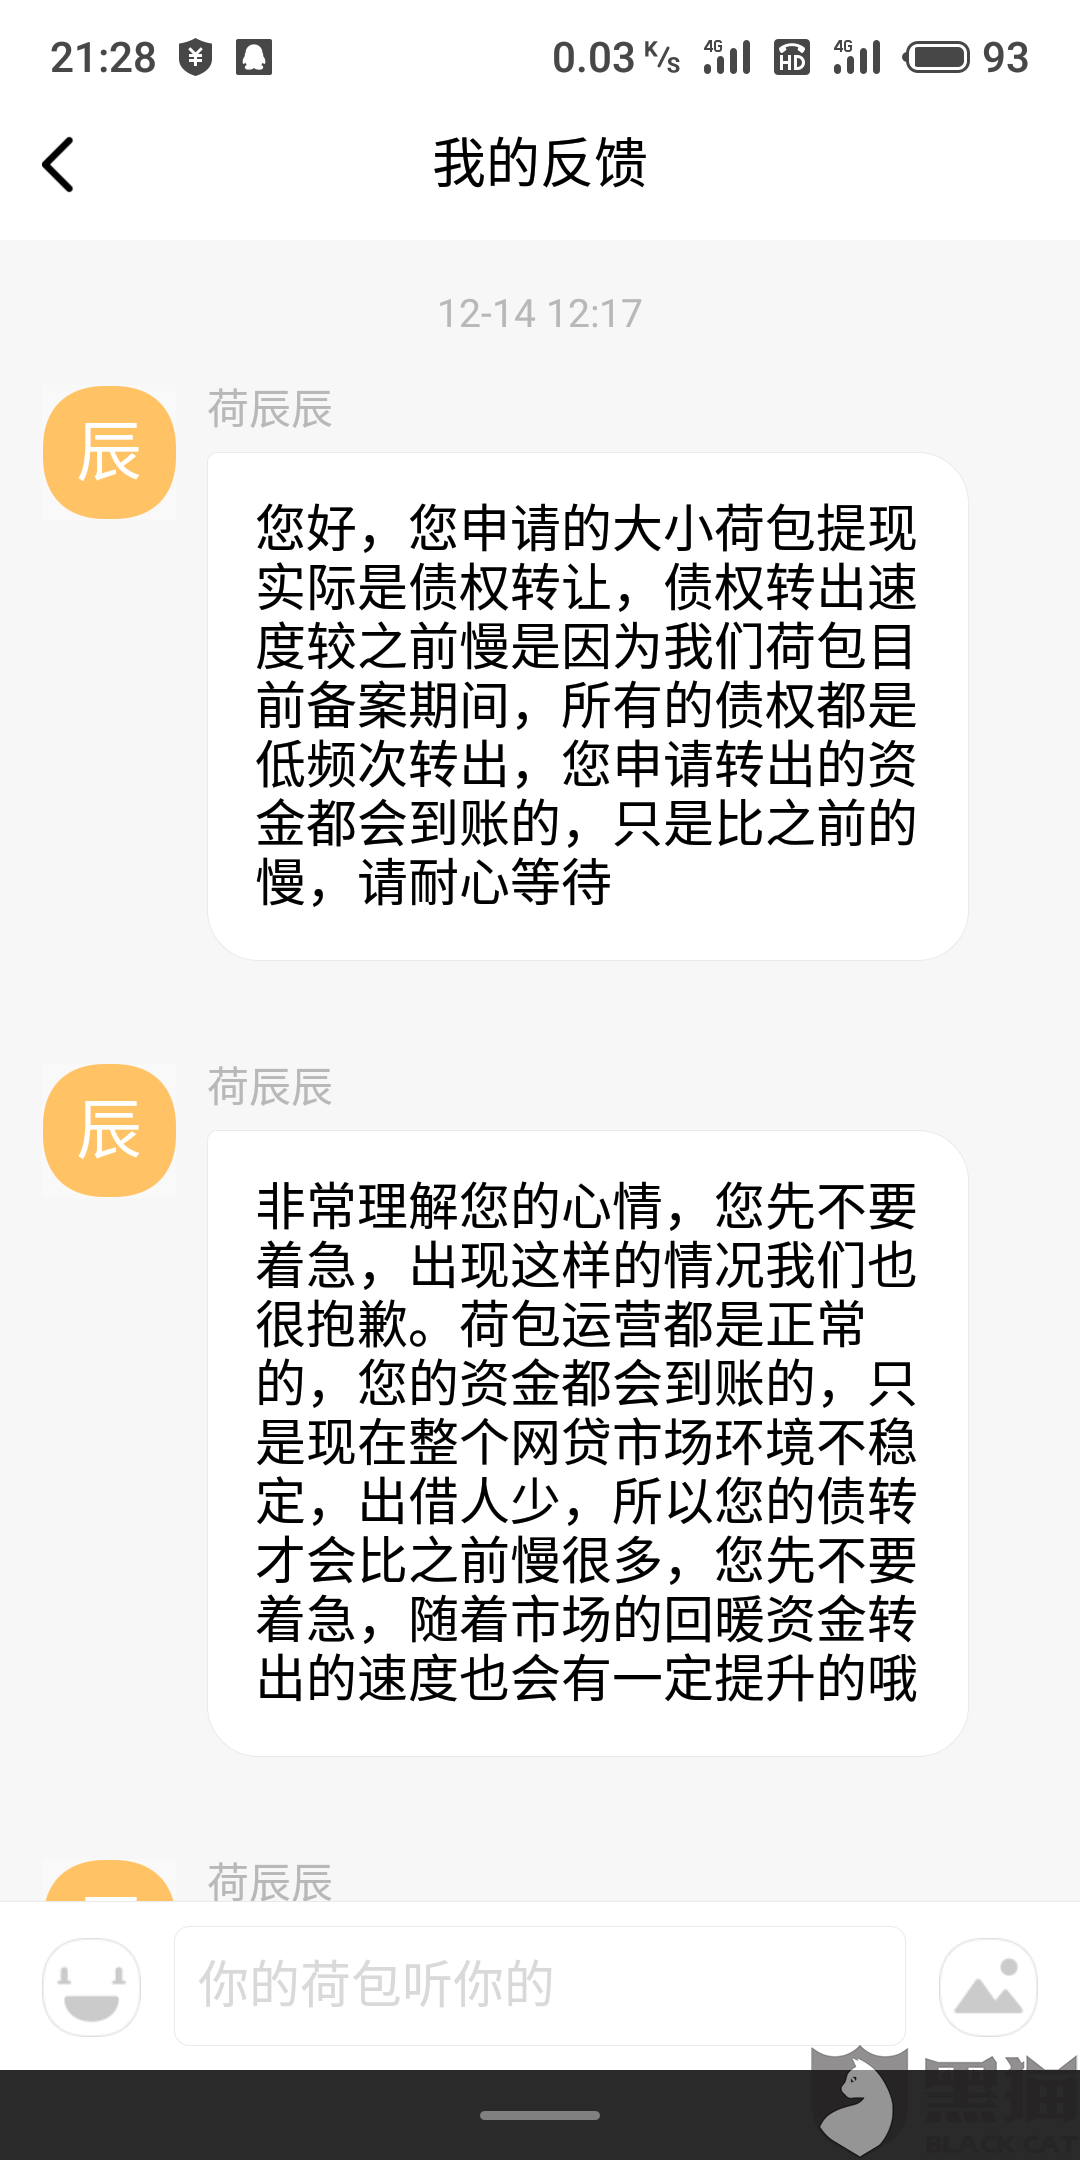 黑猫投诉:深圳荷包金融提现艰难